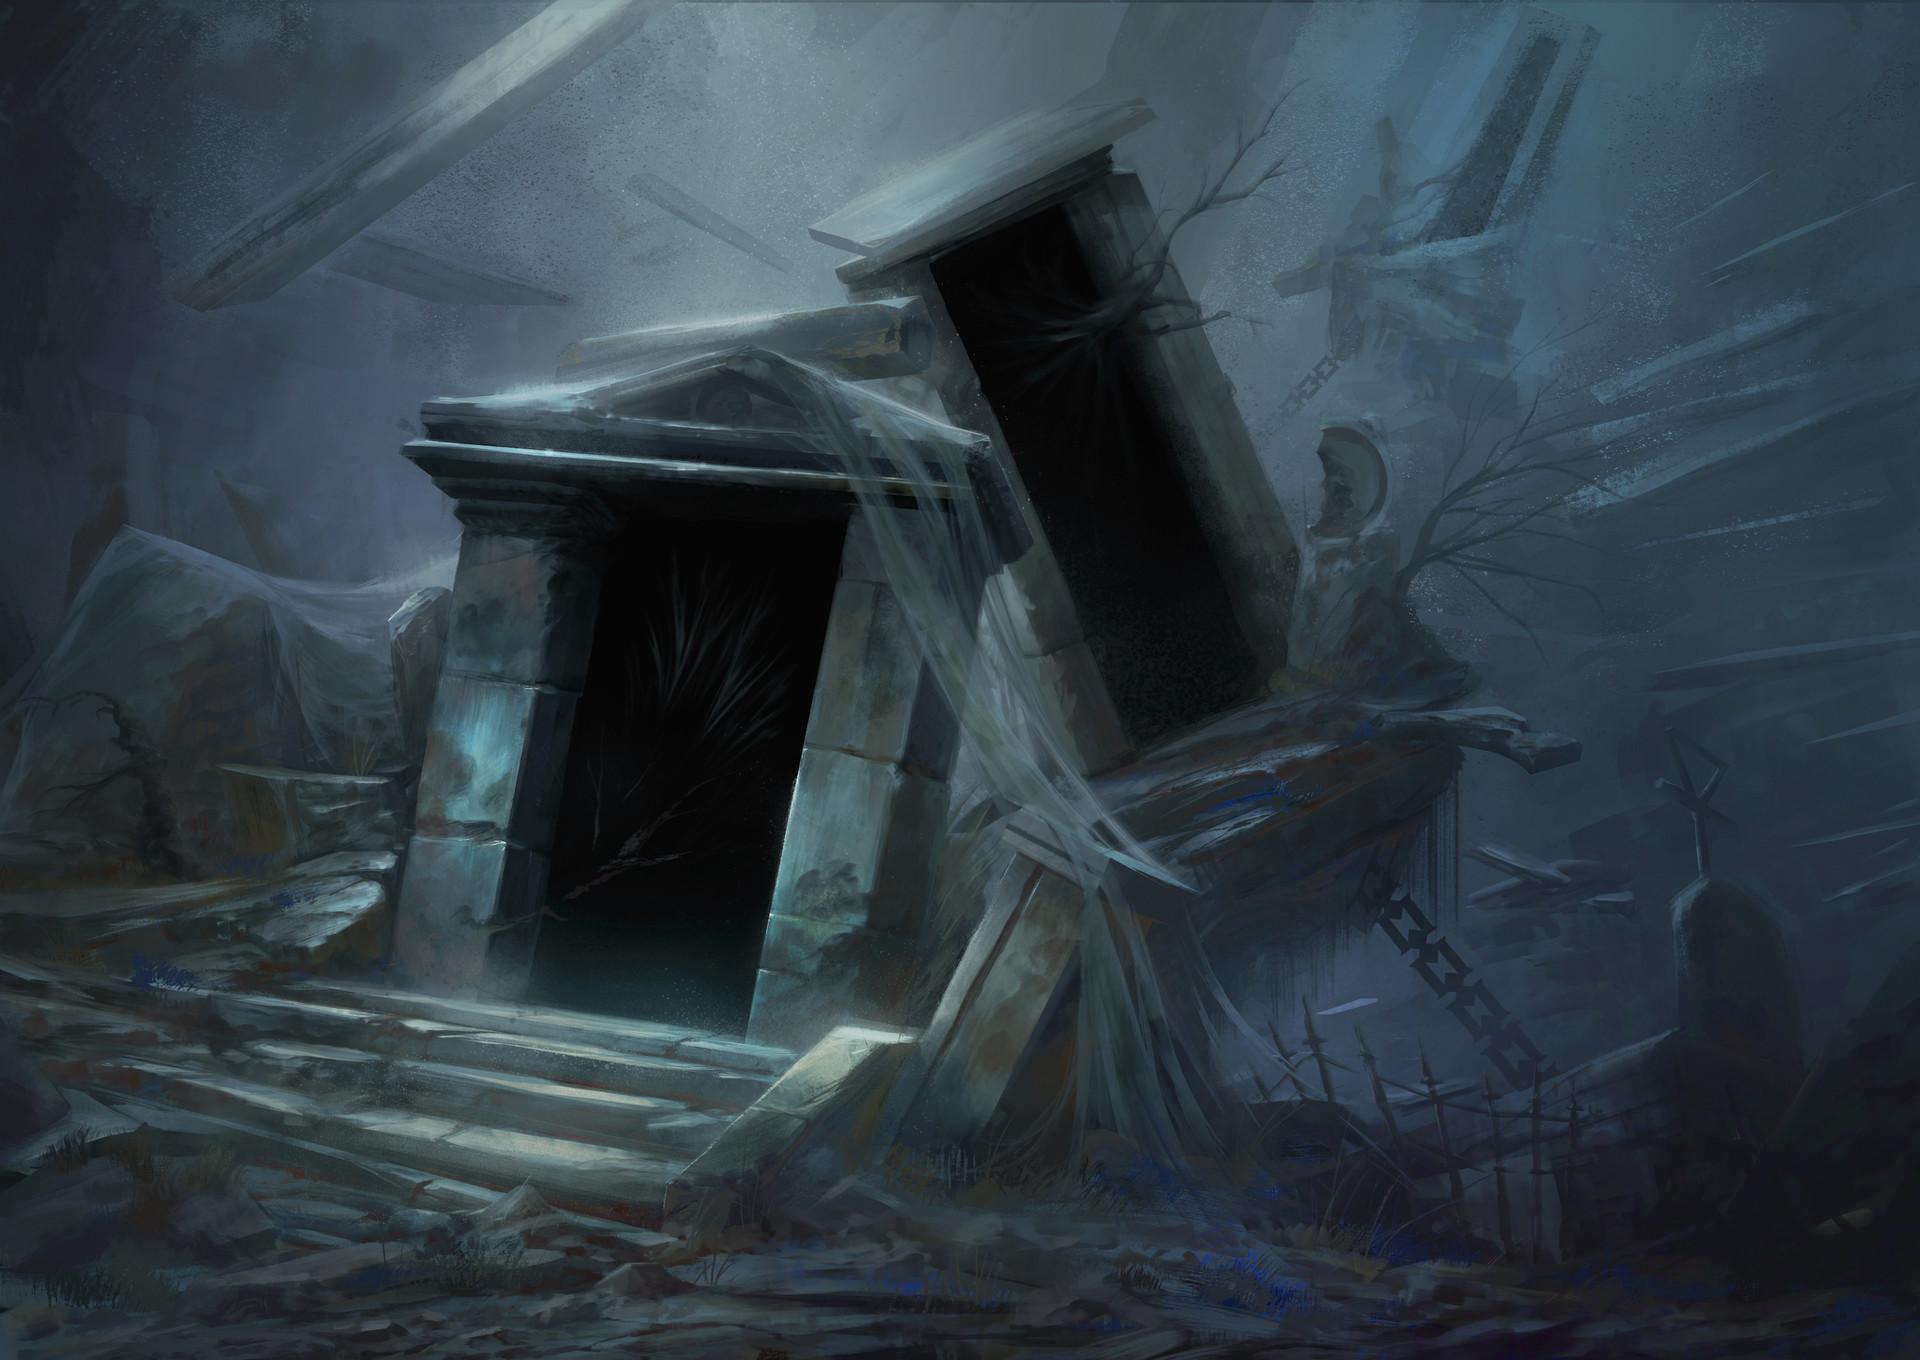 David alvarez portal 31